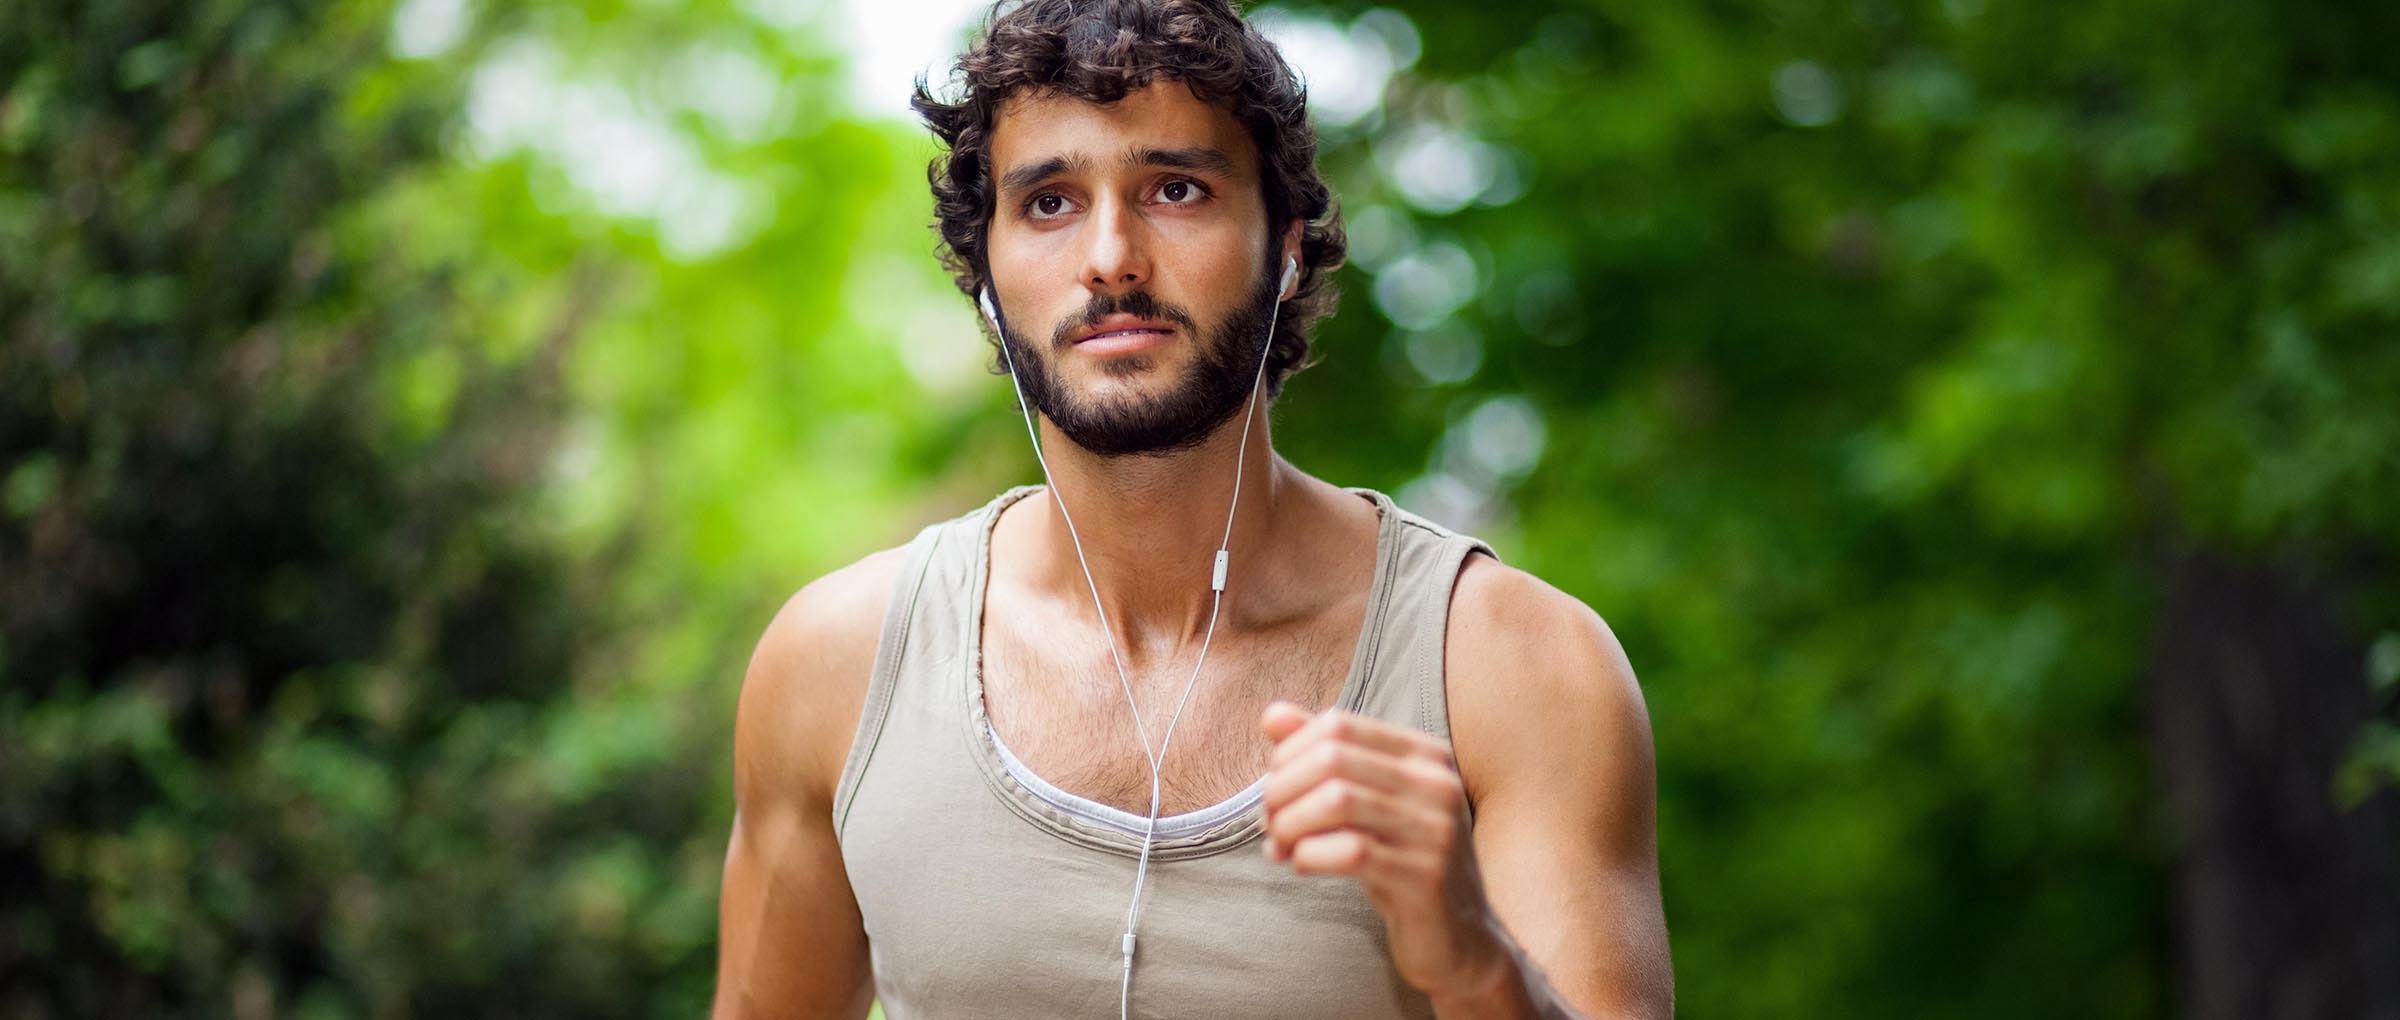 Healthy lifestyle habits to prevent necrospermia